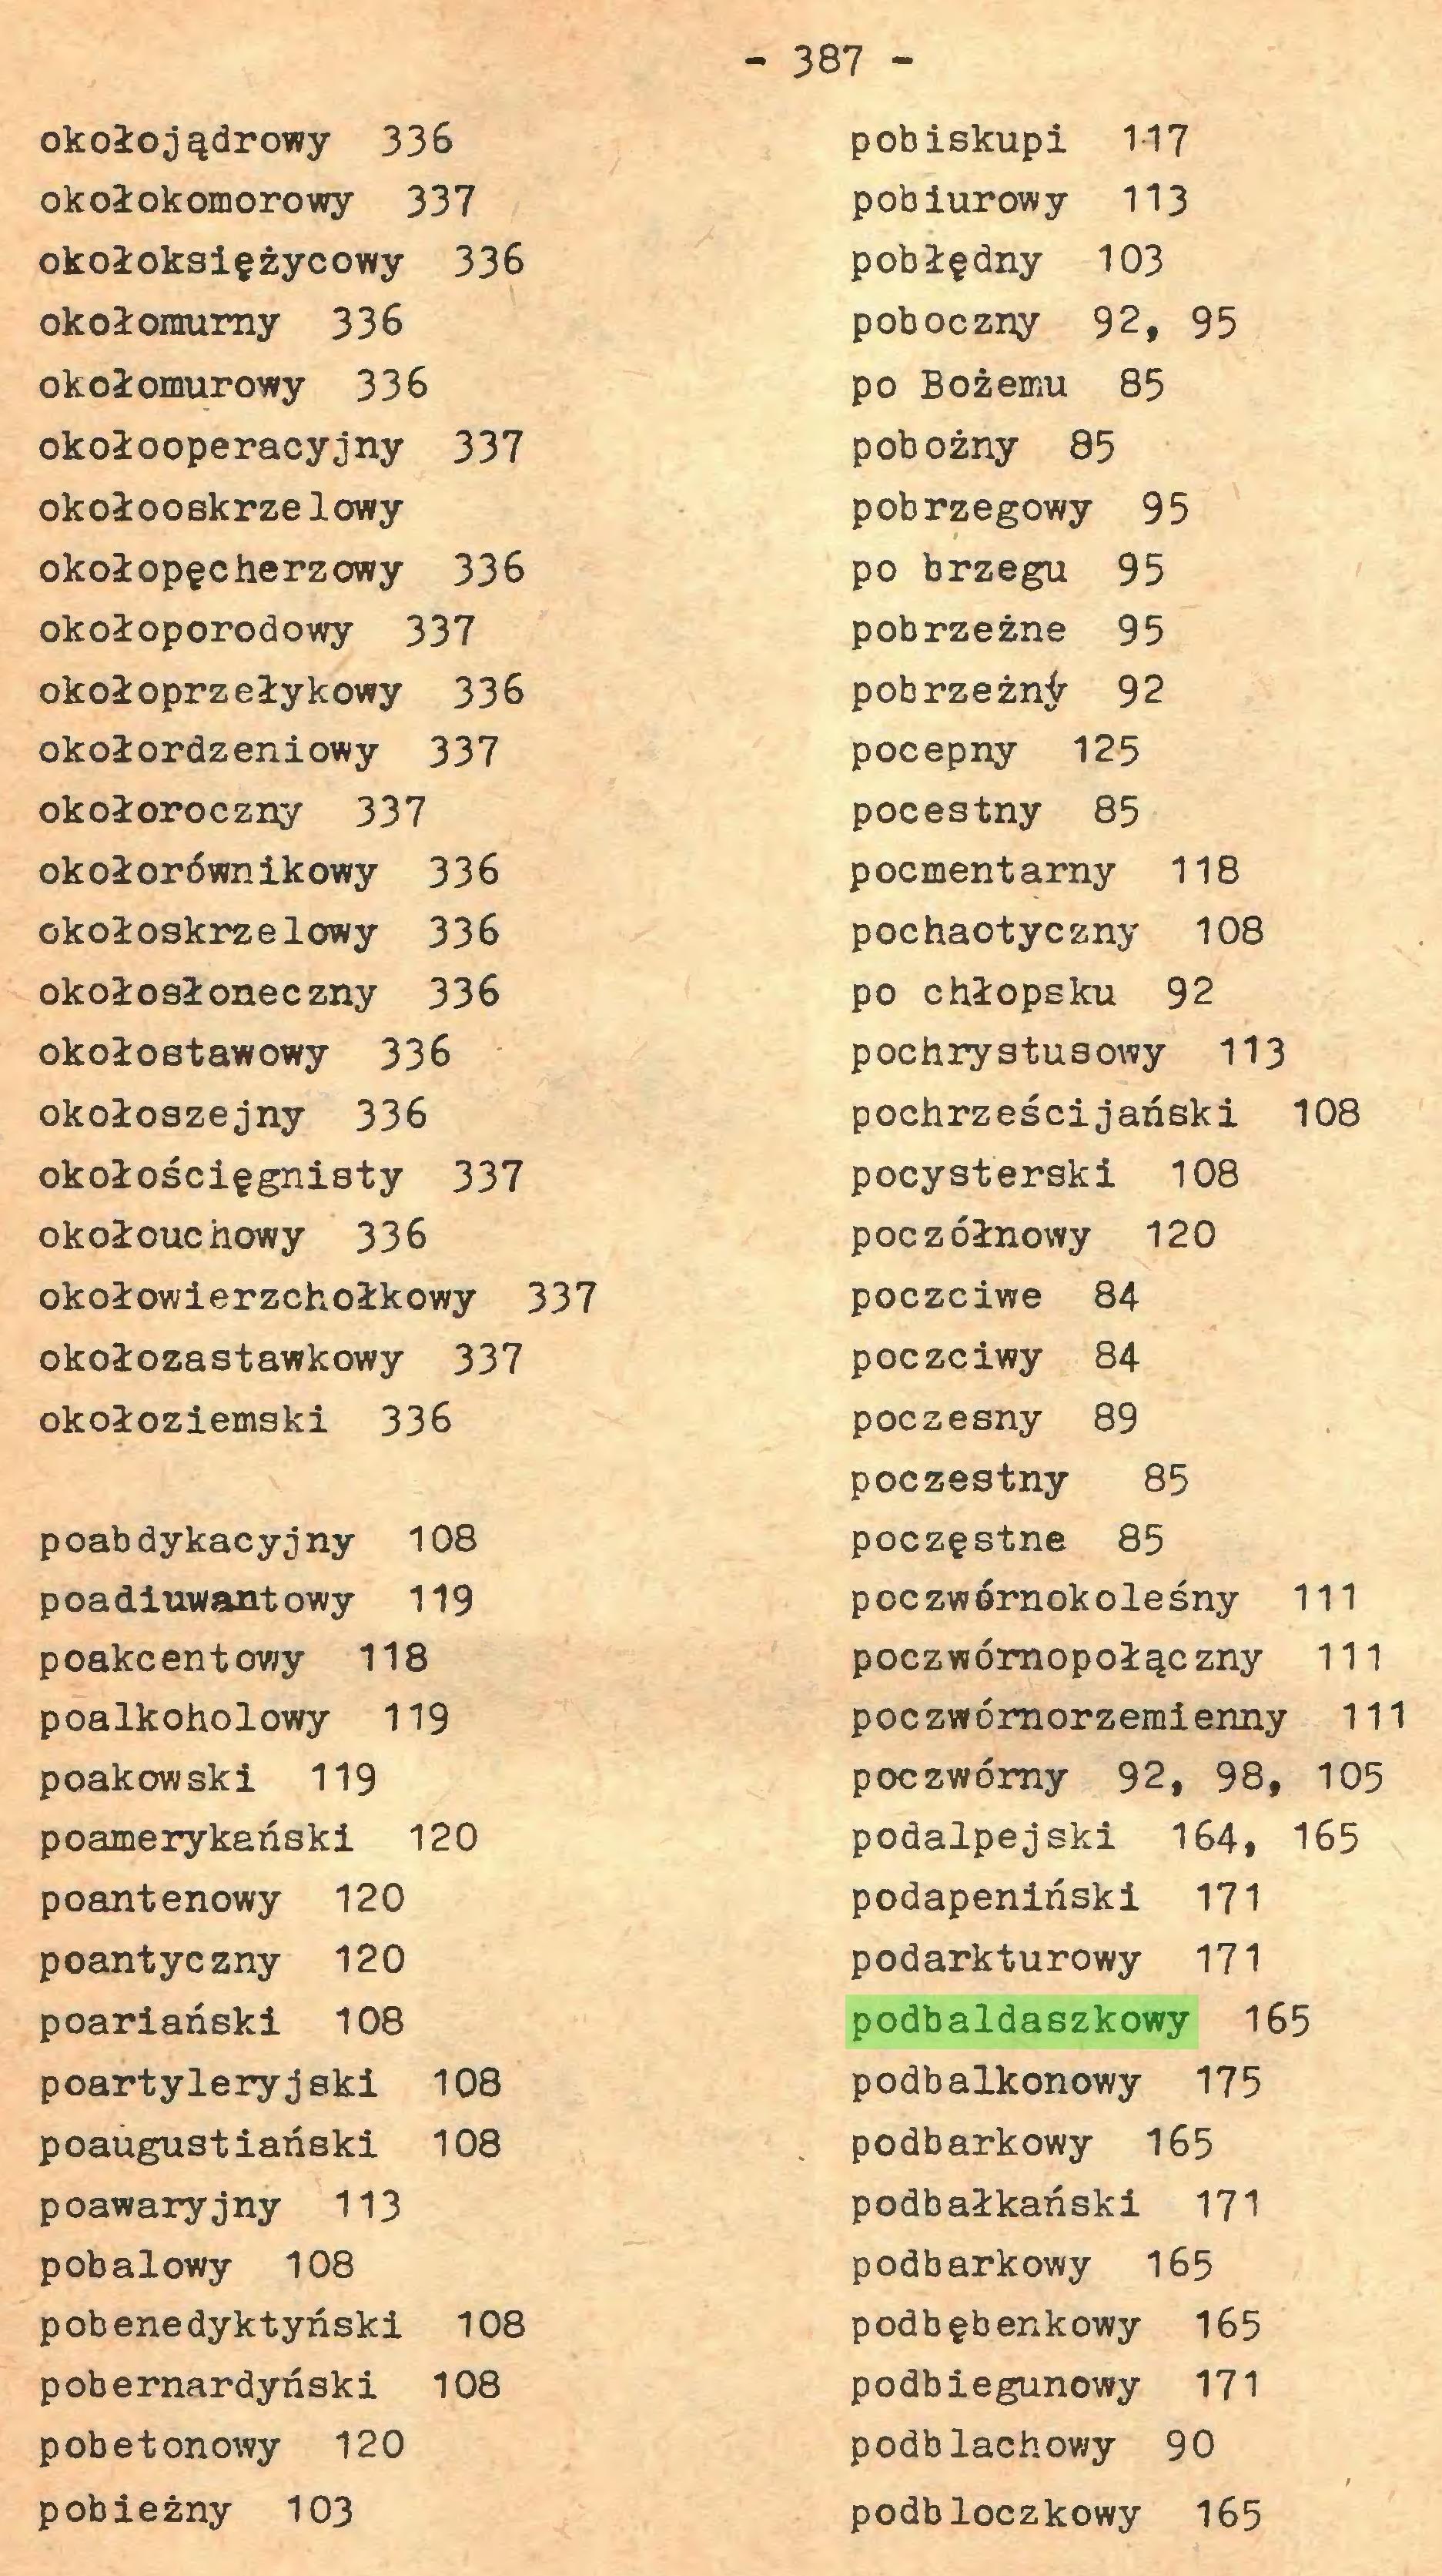 (...) 387 okołojądrowy 336 okołokomorowy 337 okołoksiężycowy 336 okołoraurny 336 okołomurowy 336 okołooperacyjny 337 okołooskrzeIowy okołopęcherzowy 336 okołoporodowy 337 okołoprzełykowy 336 okołordzeniowy 337 okołoroczny 337 okołorównikowy 336 okołoskrzelowy 336 okołosłoneczny 336 okołostawowy 336 okołoszejny 336 okołościęgnisty 337 okołouchowy 336 okołowierzchołkowy 337 okołozastawkowy 337 okołoziemski 336 poabdykacyjny 108 poadiuwantowy 119 poakcentowy 118 poalkoholowy 119 poakowski 119 poamerykański 120 poantenowy 120 poantyczny 120 poariański 108 poartyleryjski 108 poaugustiański 108 poawaryjny 113 pobalowy 108 pobenedyktyński 108 pobernardyński 108 pobetonowy 120 pobieżny 103 pobiskupi 1-17 pobiurowy 113 pobłędny 103 poboczny 92, 95 po Bożemu 85 pobożny 85 pobrzegowy 95 po brzegu 95 pobrzeżne 95 pobrzeżn^ 92 pocepny 125 pocestny 85 pocmentarny 118 pochaotyczny 108 po chłopsku 92 pochrystusowy 113 pochrześcijański 108 pocysterski 108 poczółnowy 120 poczciwe 84 poczciwy 84 poczesny 89 poczestny 85 poczęstne 85 poczwórnokoleśny 111 poczwómopołączny 111 poczwórnorzemienny 111 poczwórny 92, 98, 105 podalpejski 164# 165 podapeniński 171 podarkturowy 171 podbaldaszkowy 165 podbalkonowy 175 podbarkowy 165 podbałkański 171 podbarkowy 165 podbębenkowy 165 podbiegunowy 171 podblachowy 90 podbloczkowy 165...